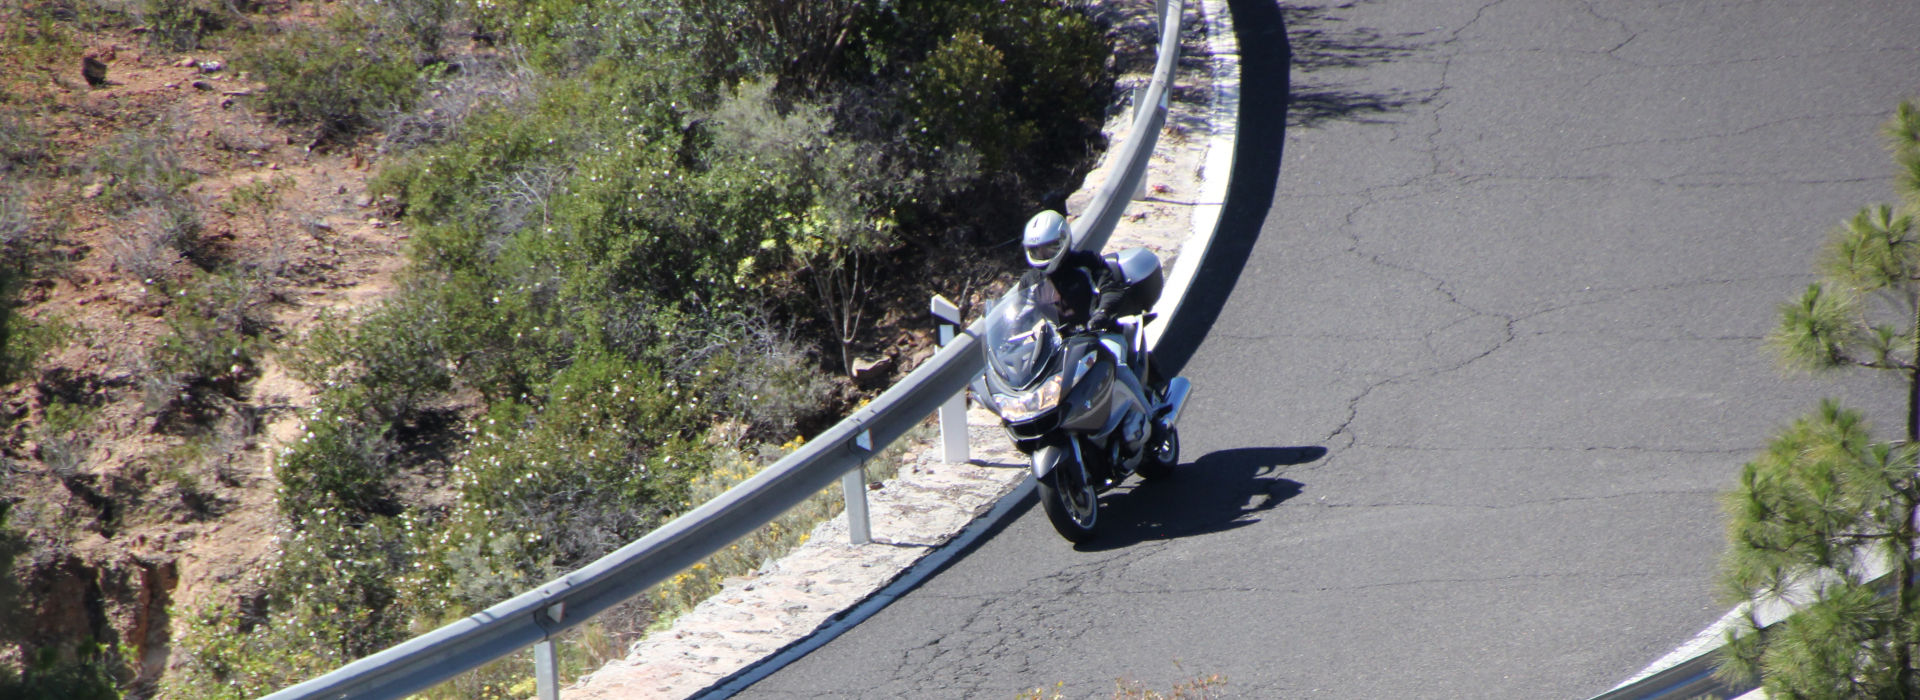 Motorrijbewijspoint Hoofddorp snel motorrijbewijs halen